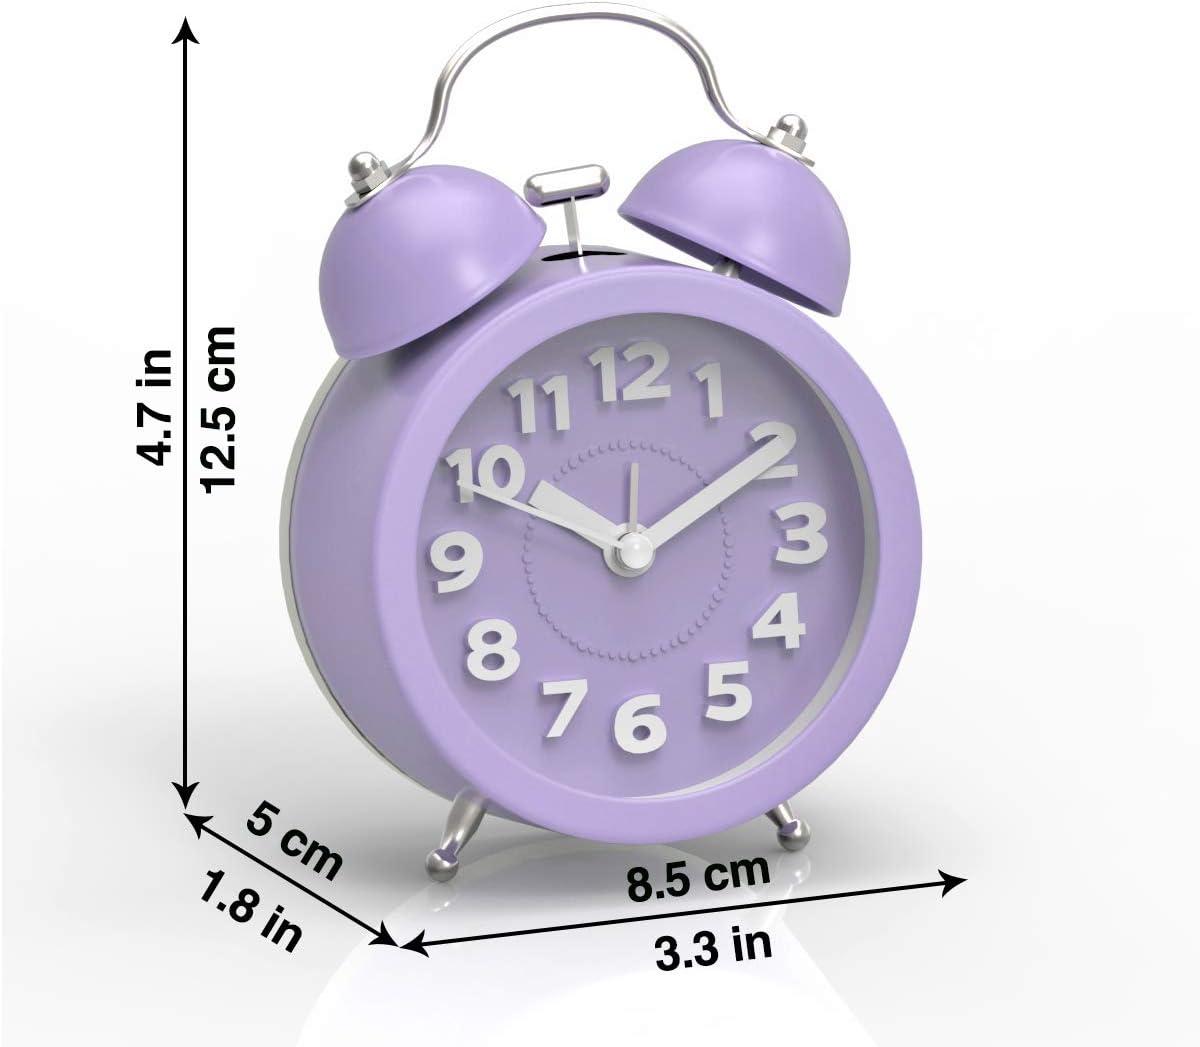 Manipulation de Batterie r/éveille-Matin Double Clochette Rond avec Le feu r/étro-/éclairage PiLife R/éveille-Matin du lit au Style classicisme Mini et Silencieux ; Trois Pouces Violet